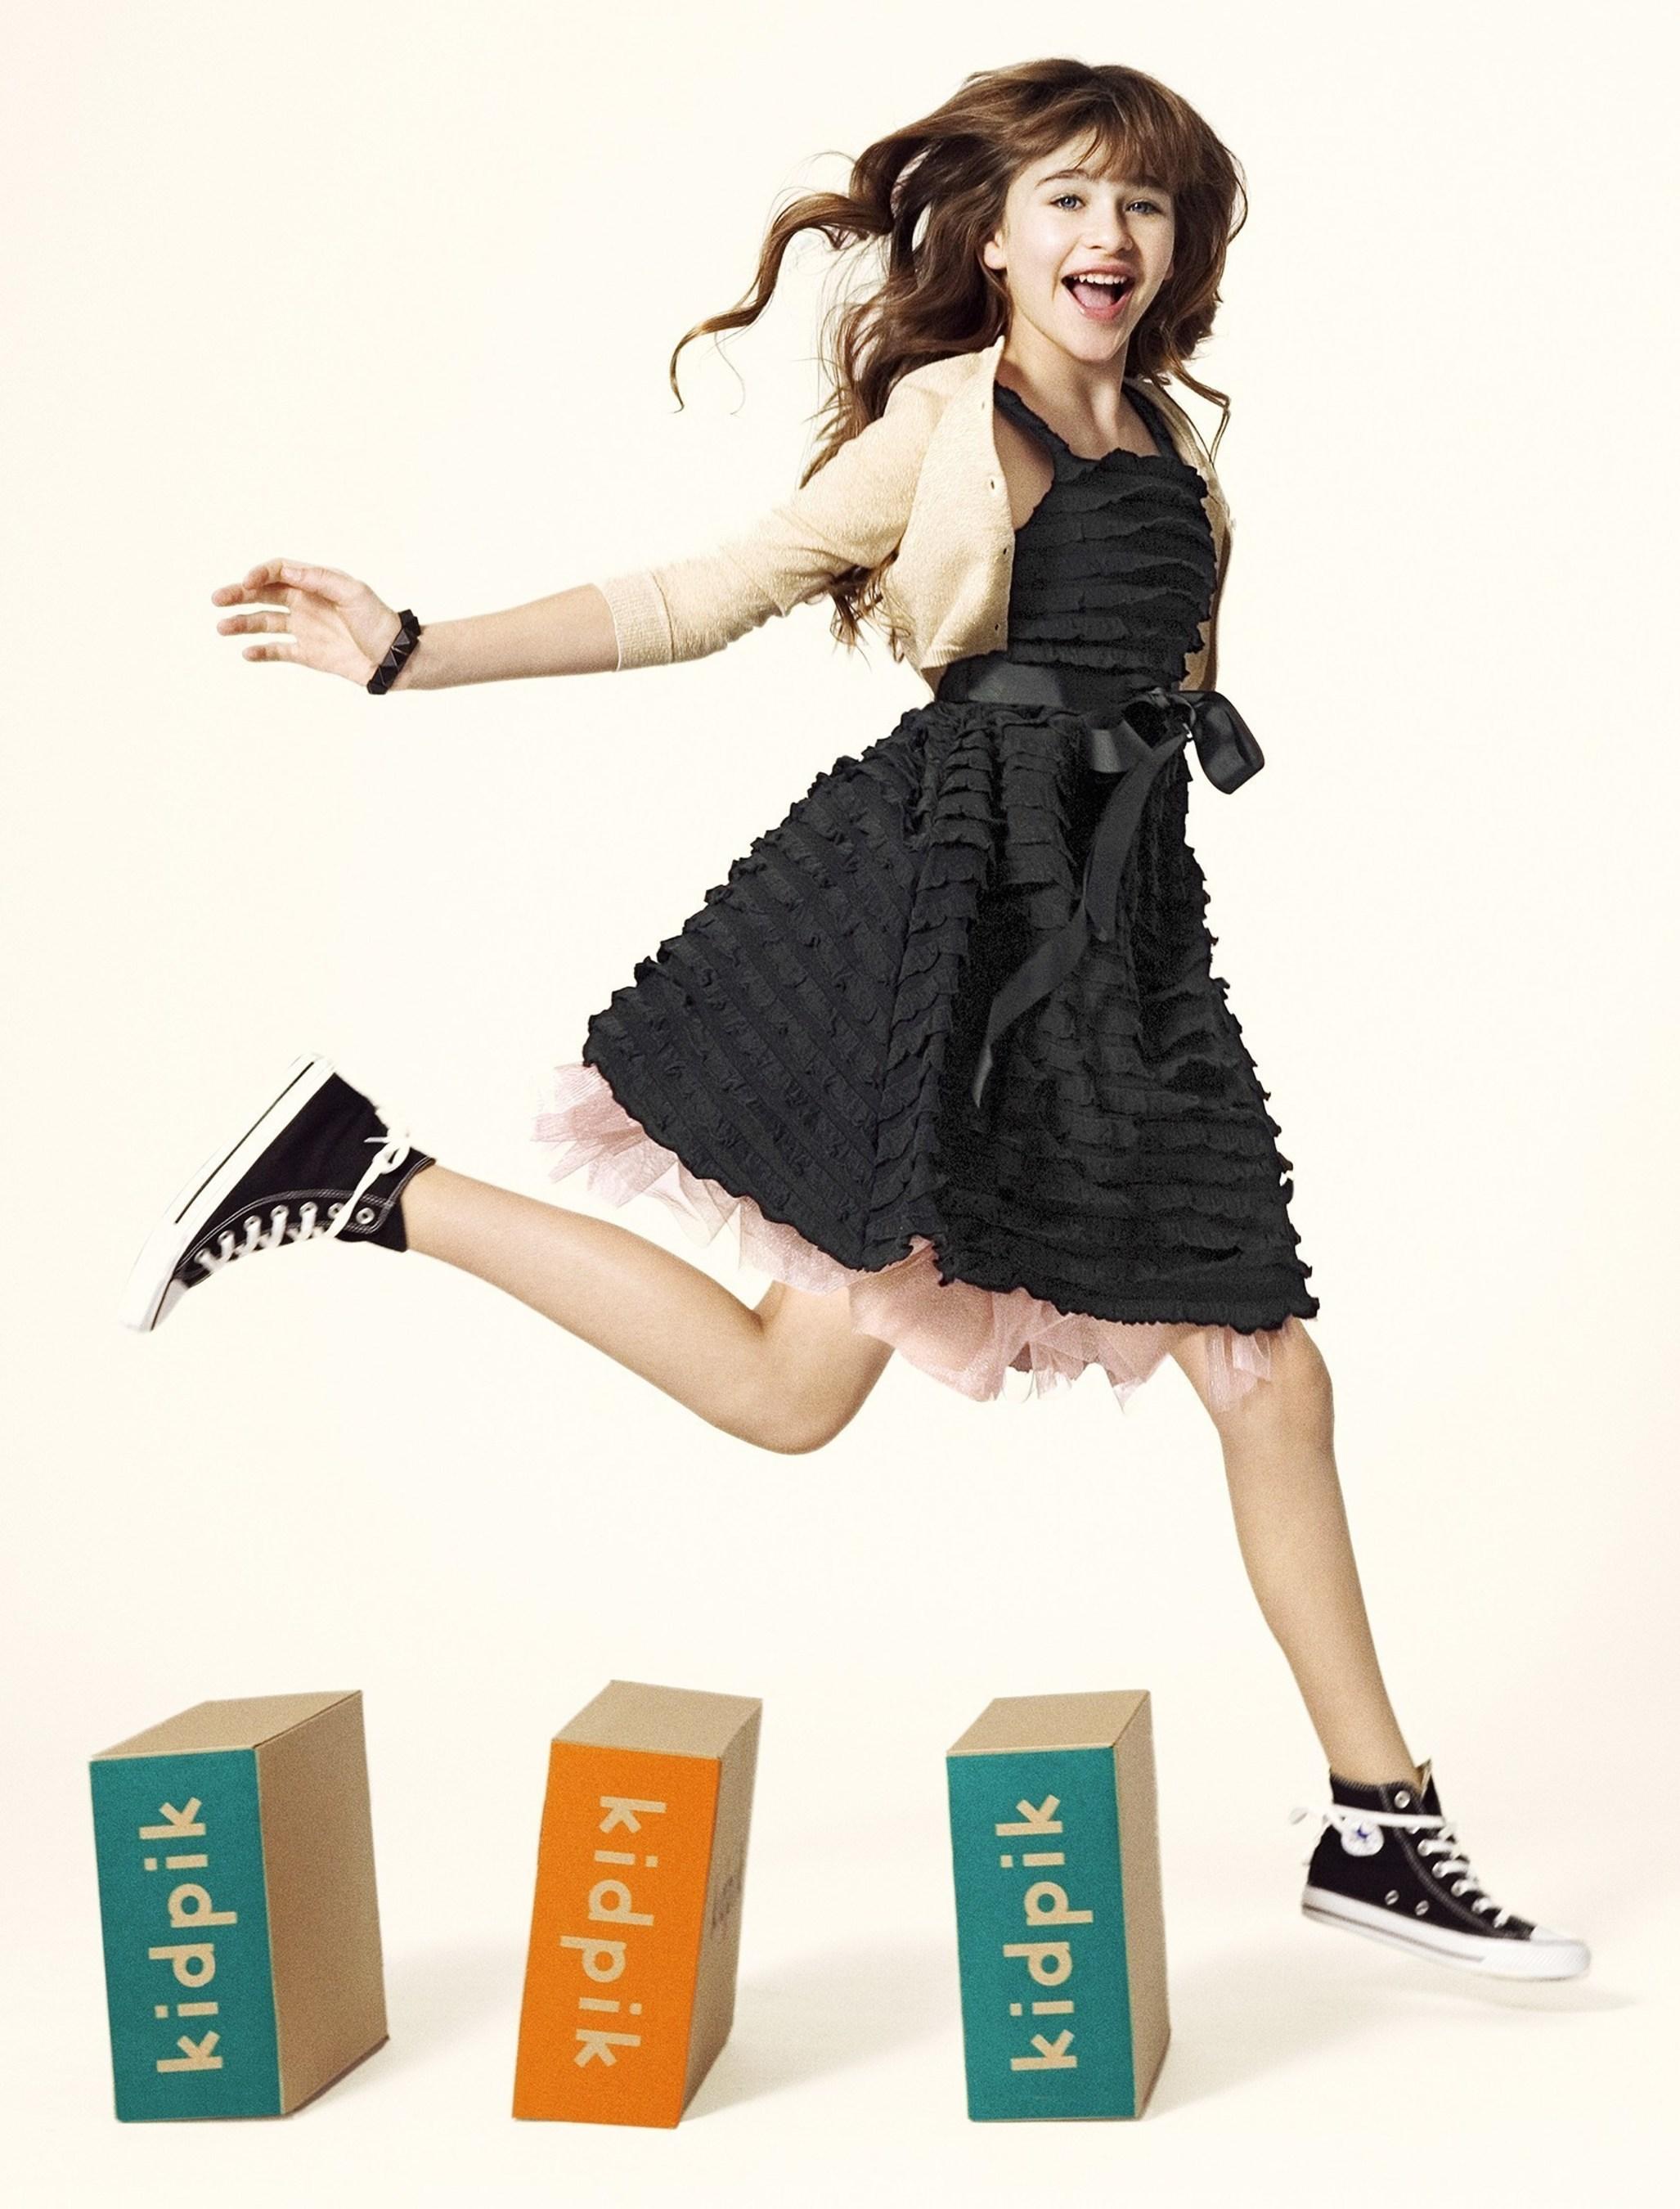 kidpik - Girls' Shopping Reinvented